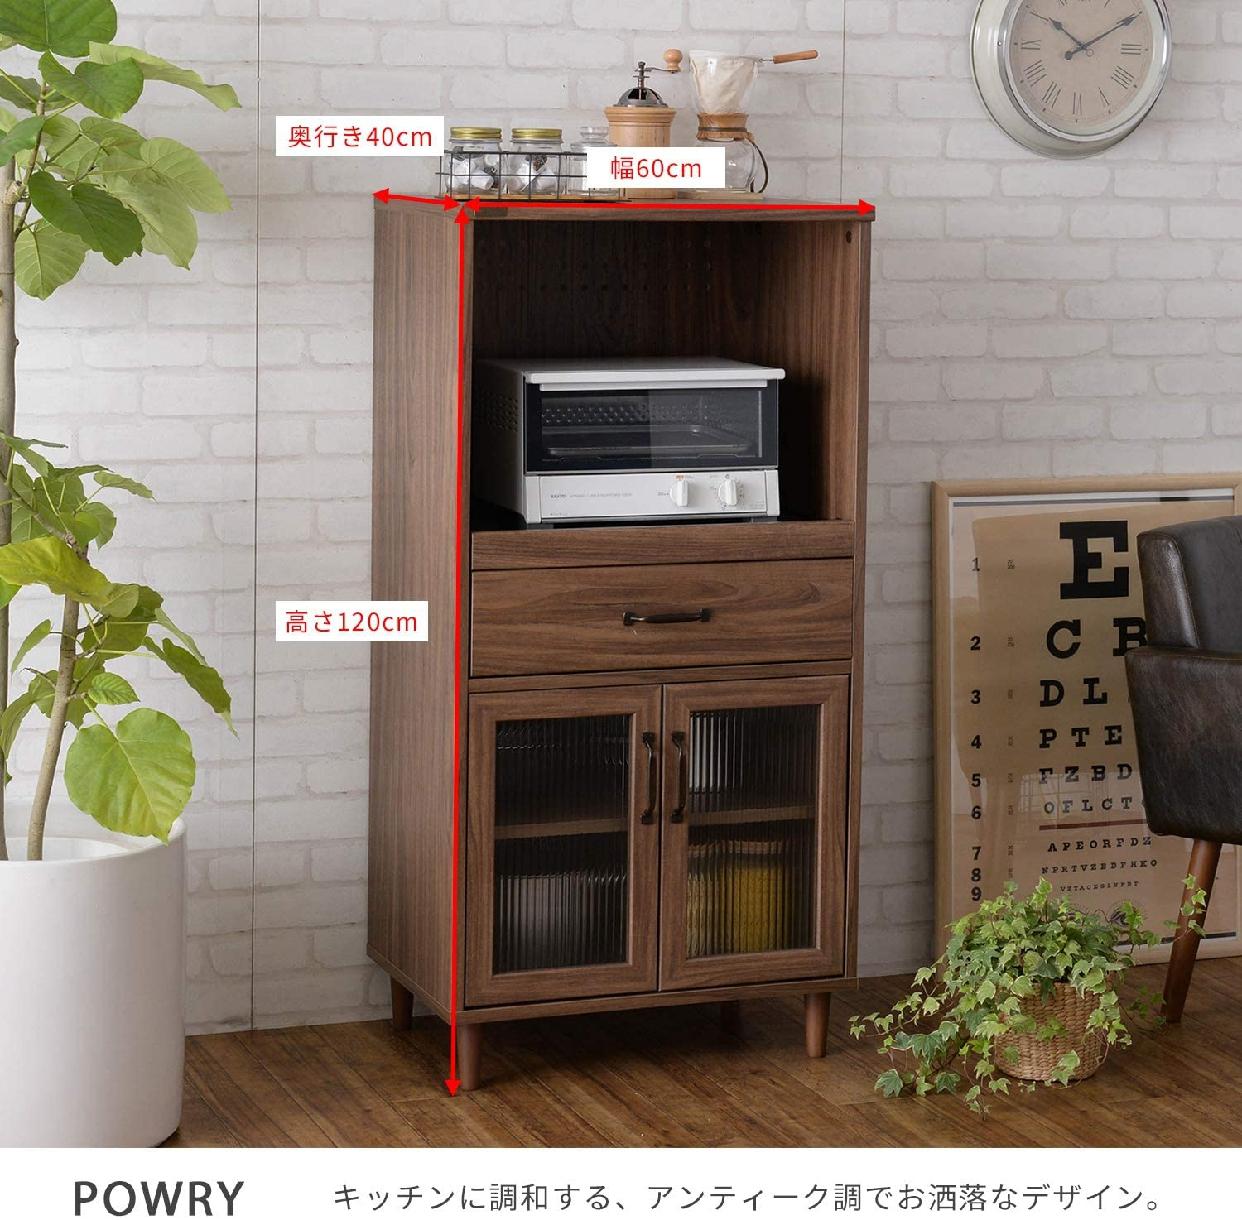 POWRY(ポーリー)レンジ台 ブラウン PW120-60Lの商品画像2